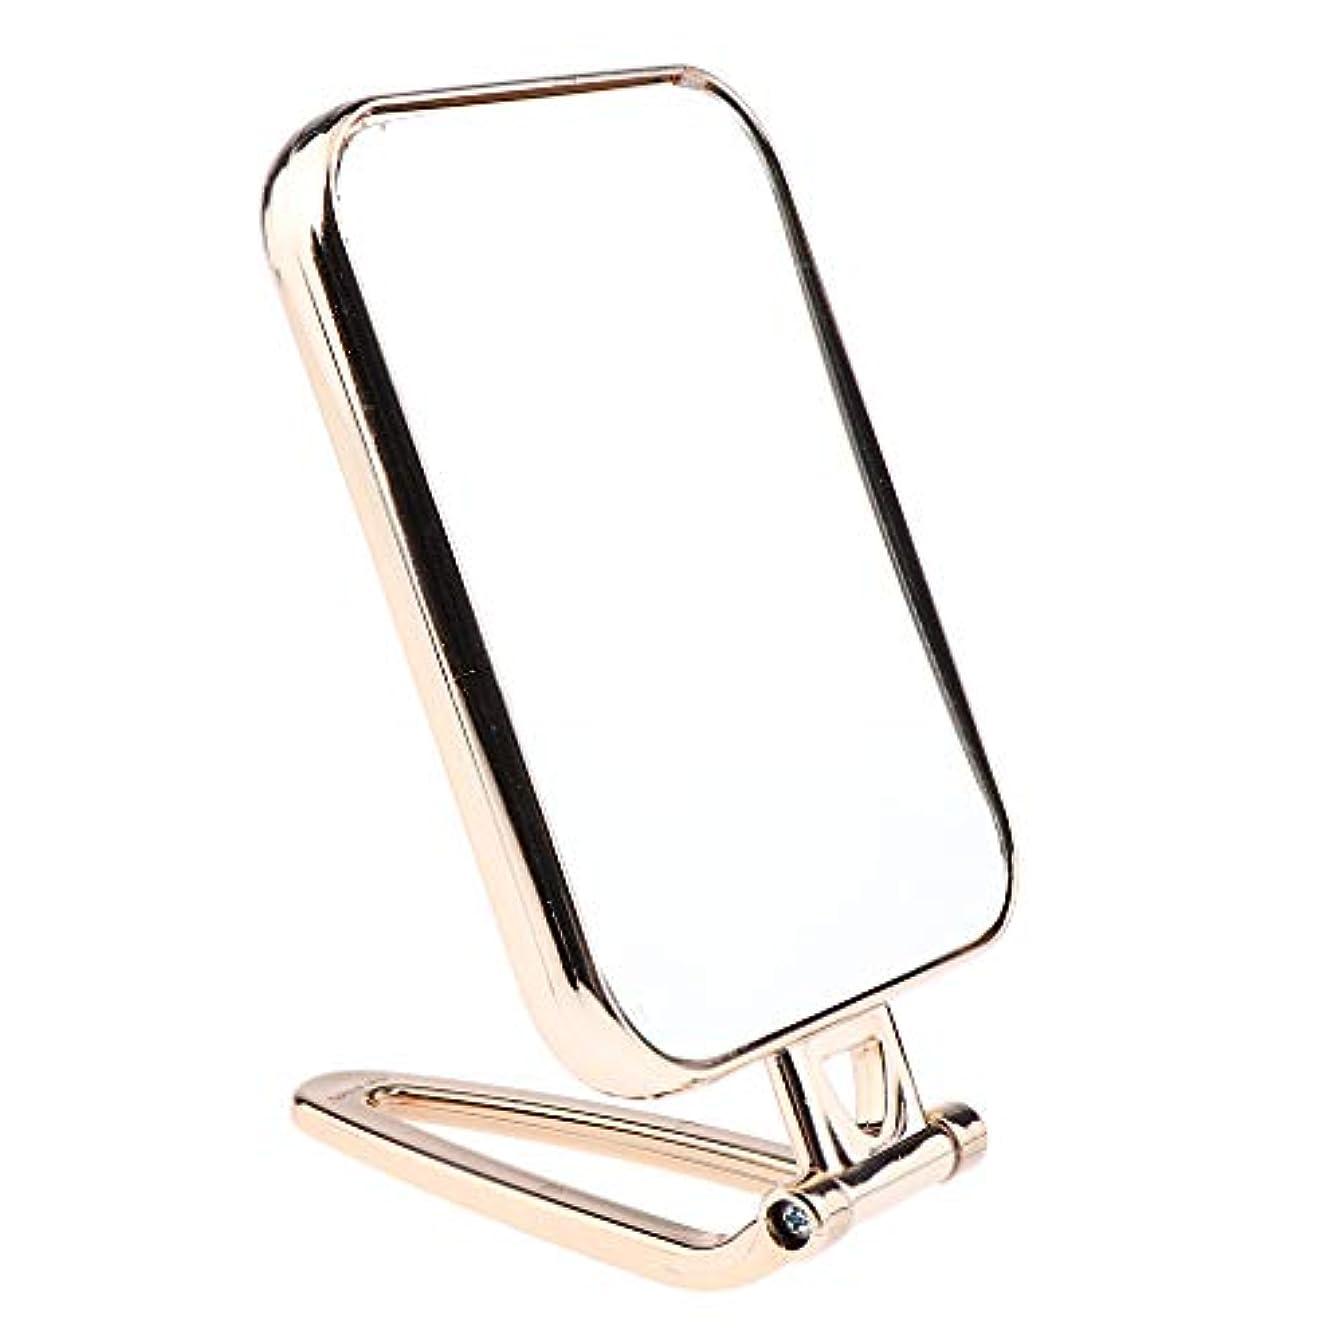 シーン箱ラテンメイクアップミラー 折りたたみ ポータブル 洗面台 卓上 旅行 コンパクトミラー 2タイプ選べ - ゴールド